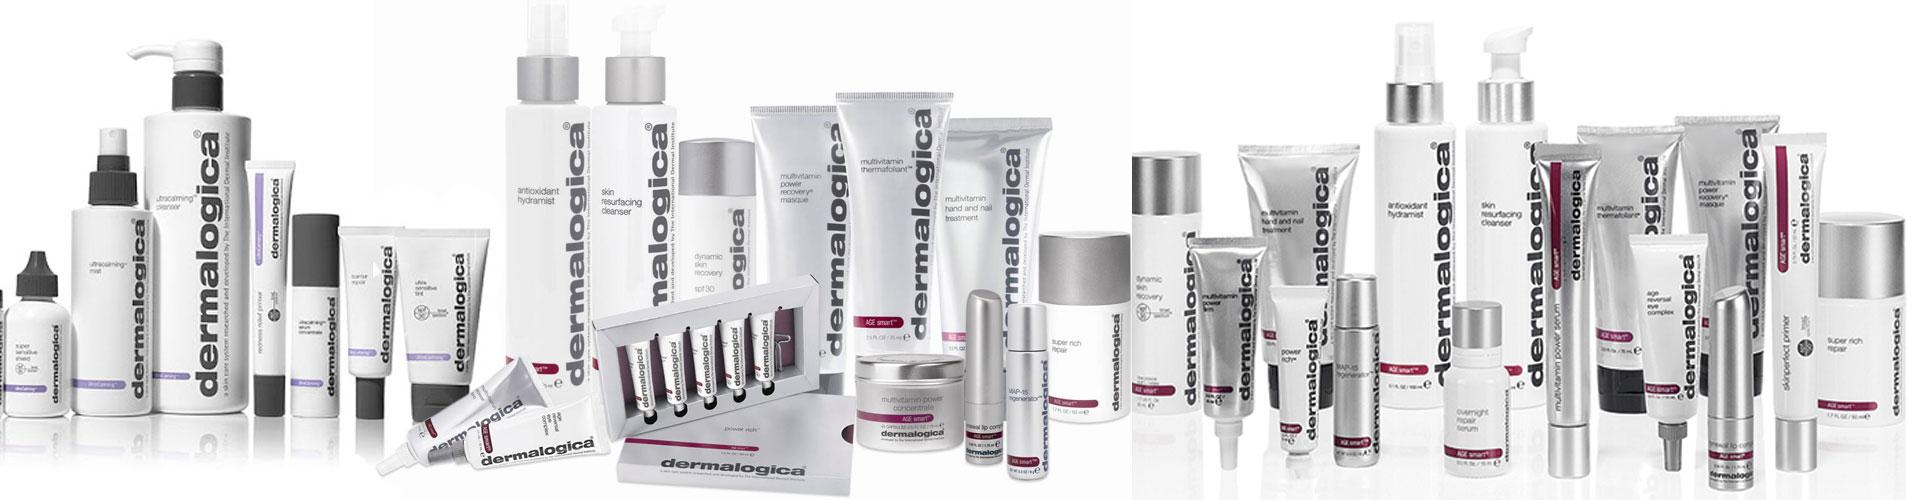 Dermalogica (США) - профессиональная косметика для домашнего ухода для лица